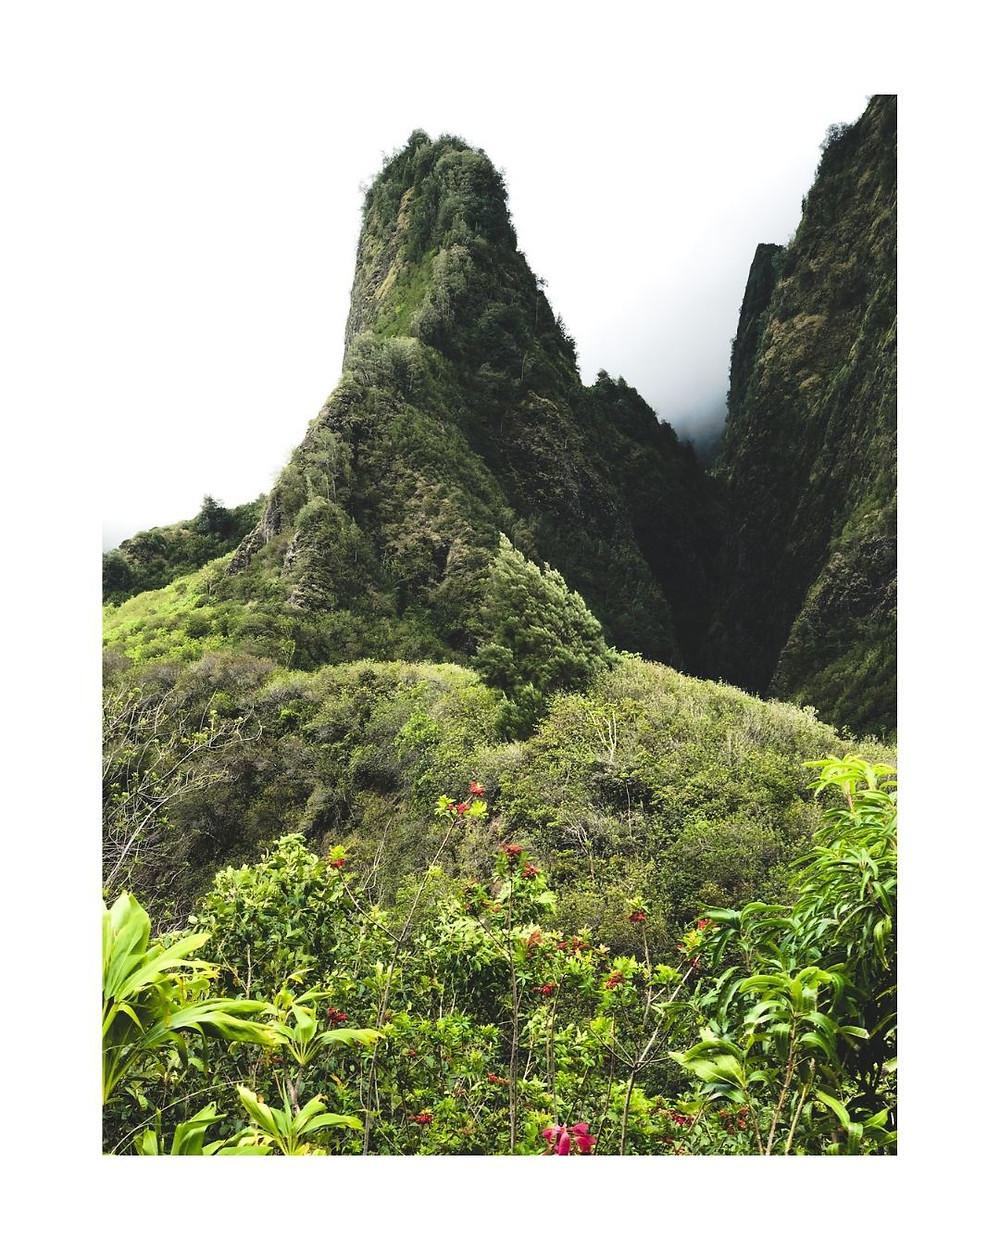 マウイ島旅行、おススメ観光スポット、イアオ渓谷